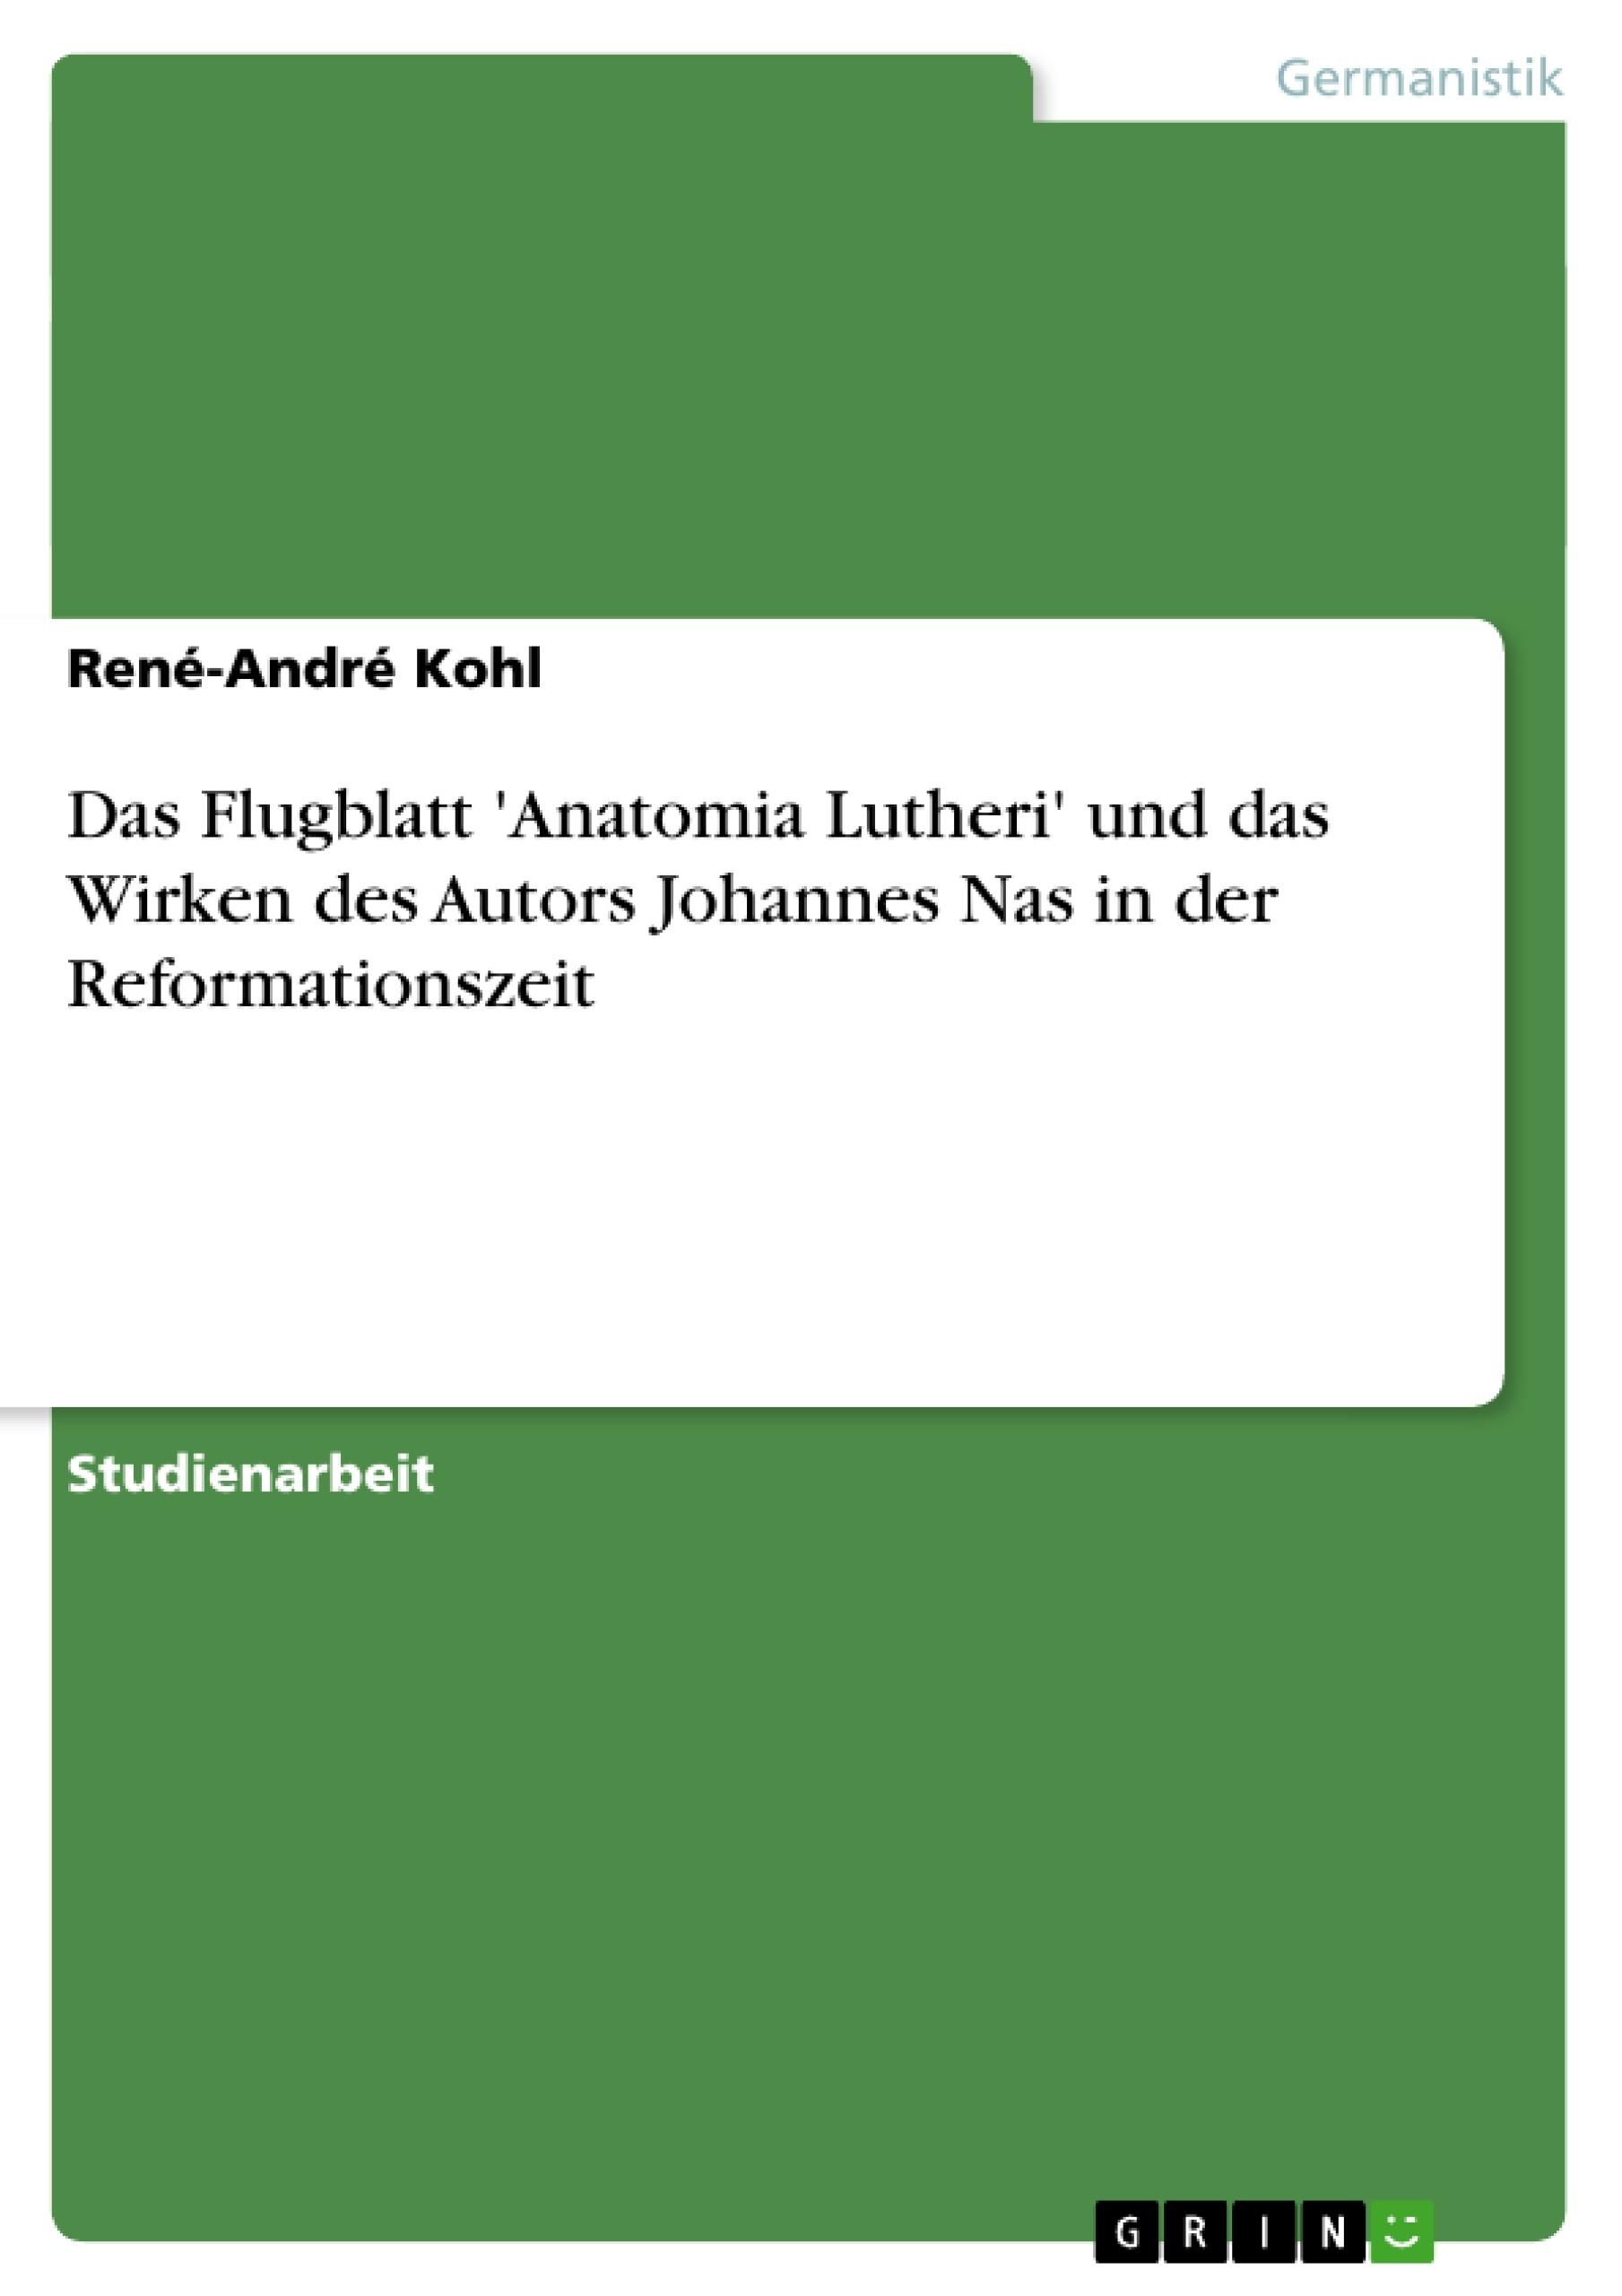 Titel: Das Flugblatt 'Anatomia Lutheri' und das Wirken des Autors Johannes Nas in der Reformationszeit